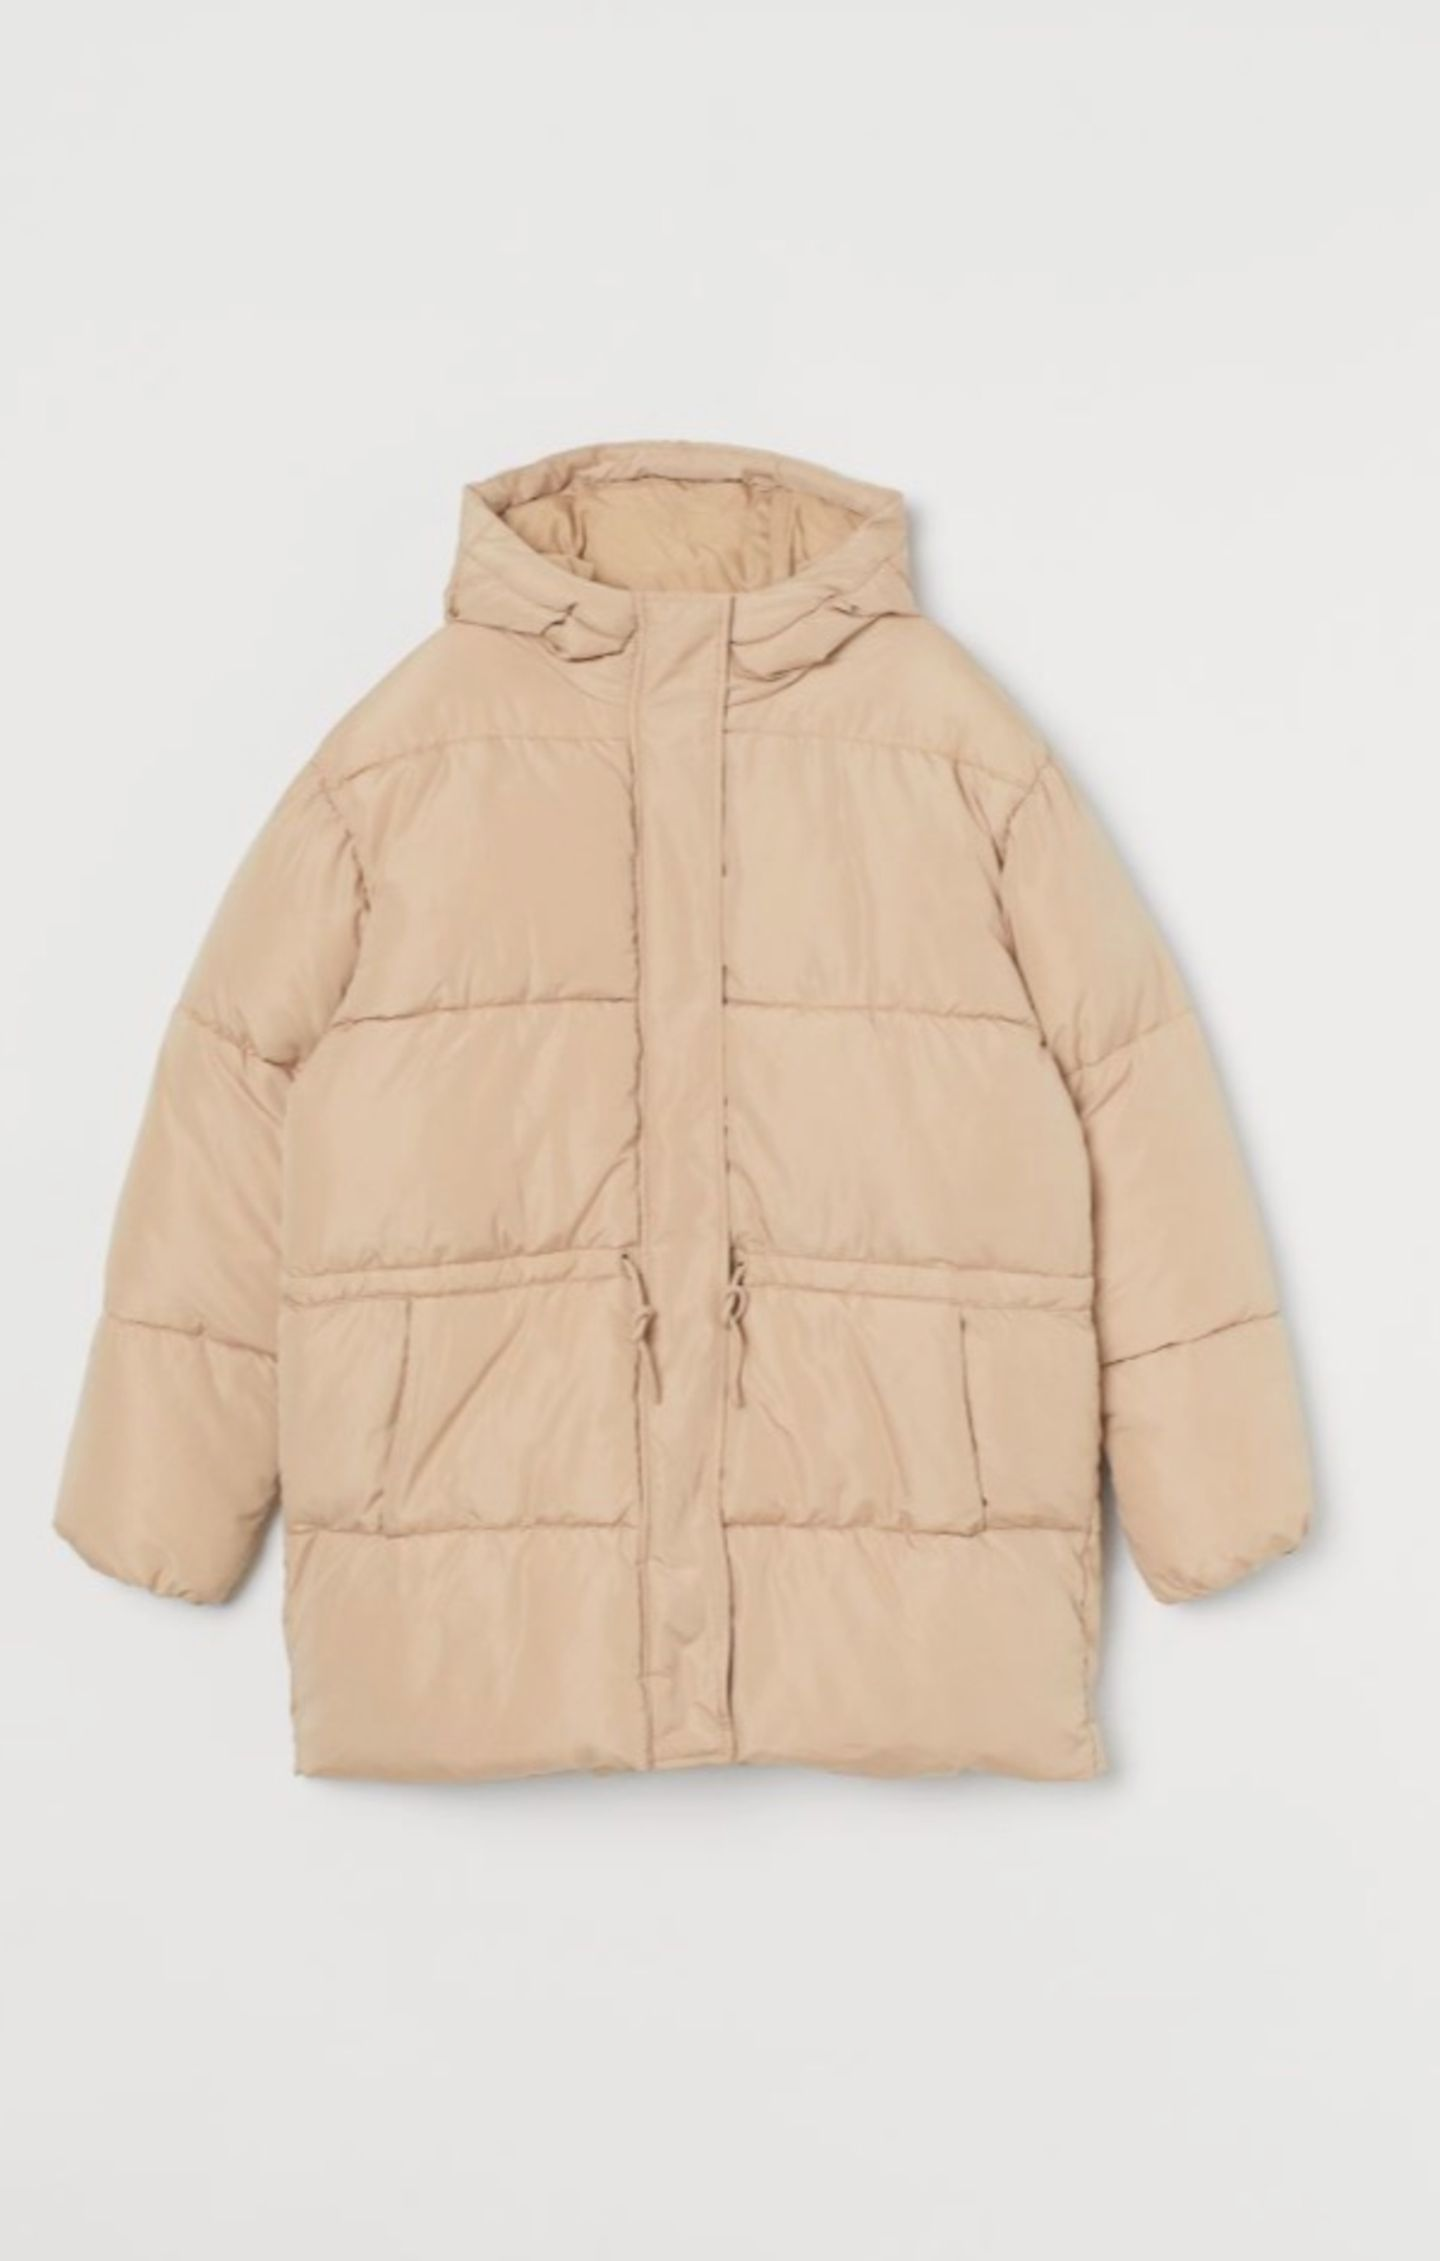 Natürlich gibt es die Puffer-Jacket auch in der günstigeren Variante.Einzig und allein auf das Gucci-Monogramm müssen wir bei diesem Exemplar verzichten. Von H&M, kostet ca. 40 Euro.